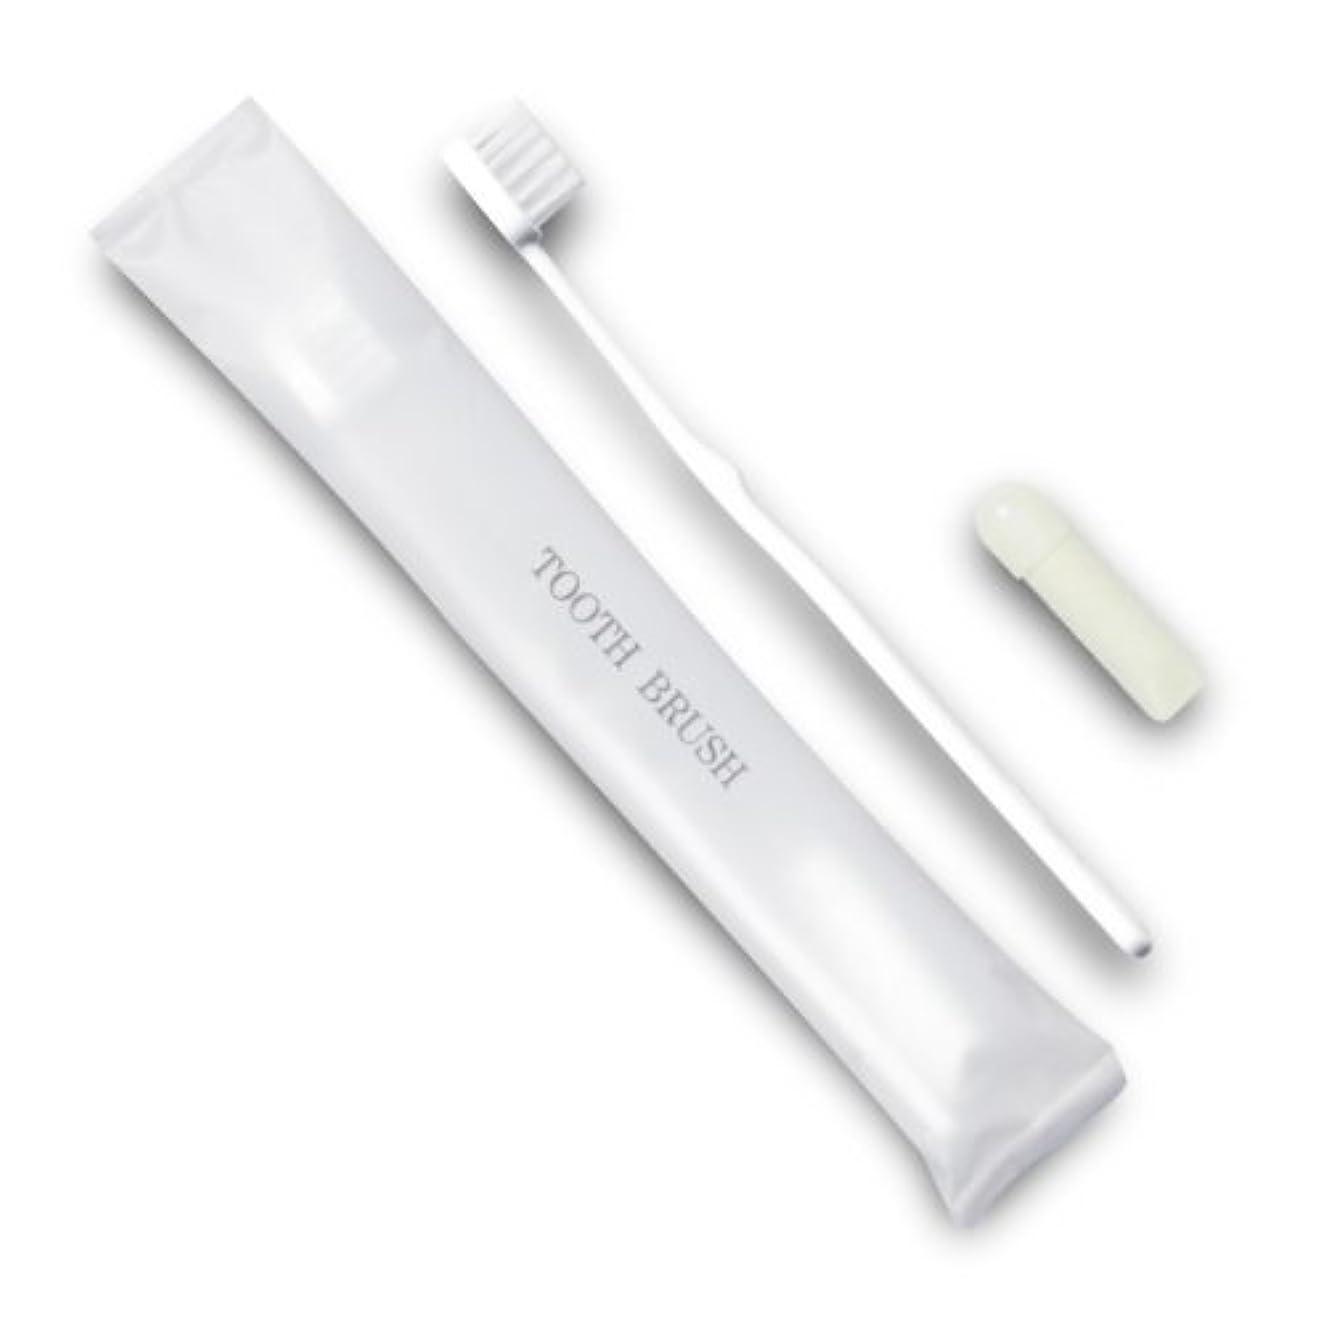 意志に反する反毒悪質なホテル業務用歯ブラシ21穴(白)3gチューブ マット袋FタイプDX 700本